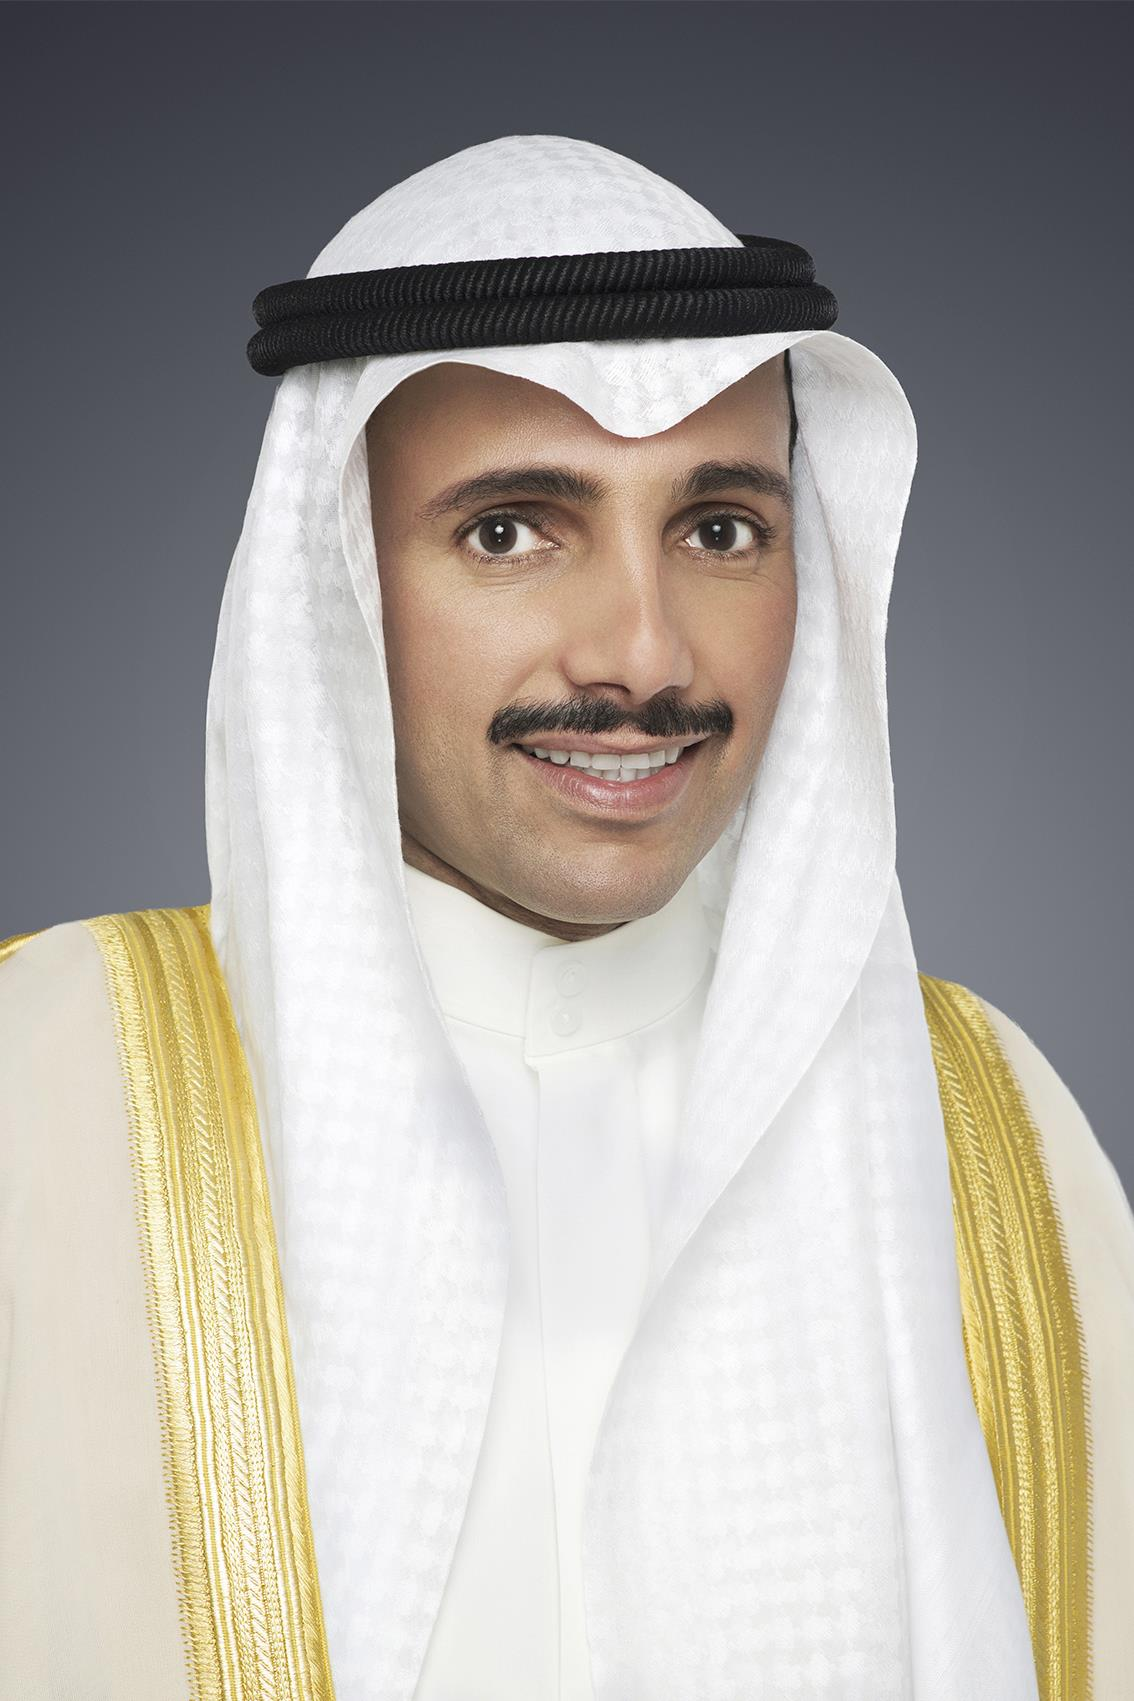 الرئيس الغانم في ذكرى الغزو : الكويتيون نجحوا في اختبار الوطن ووجوده